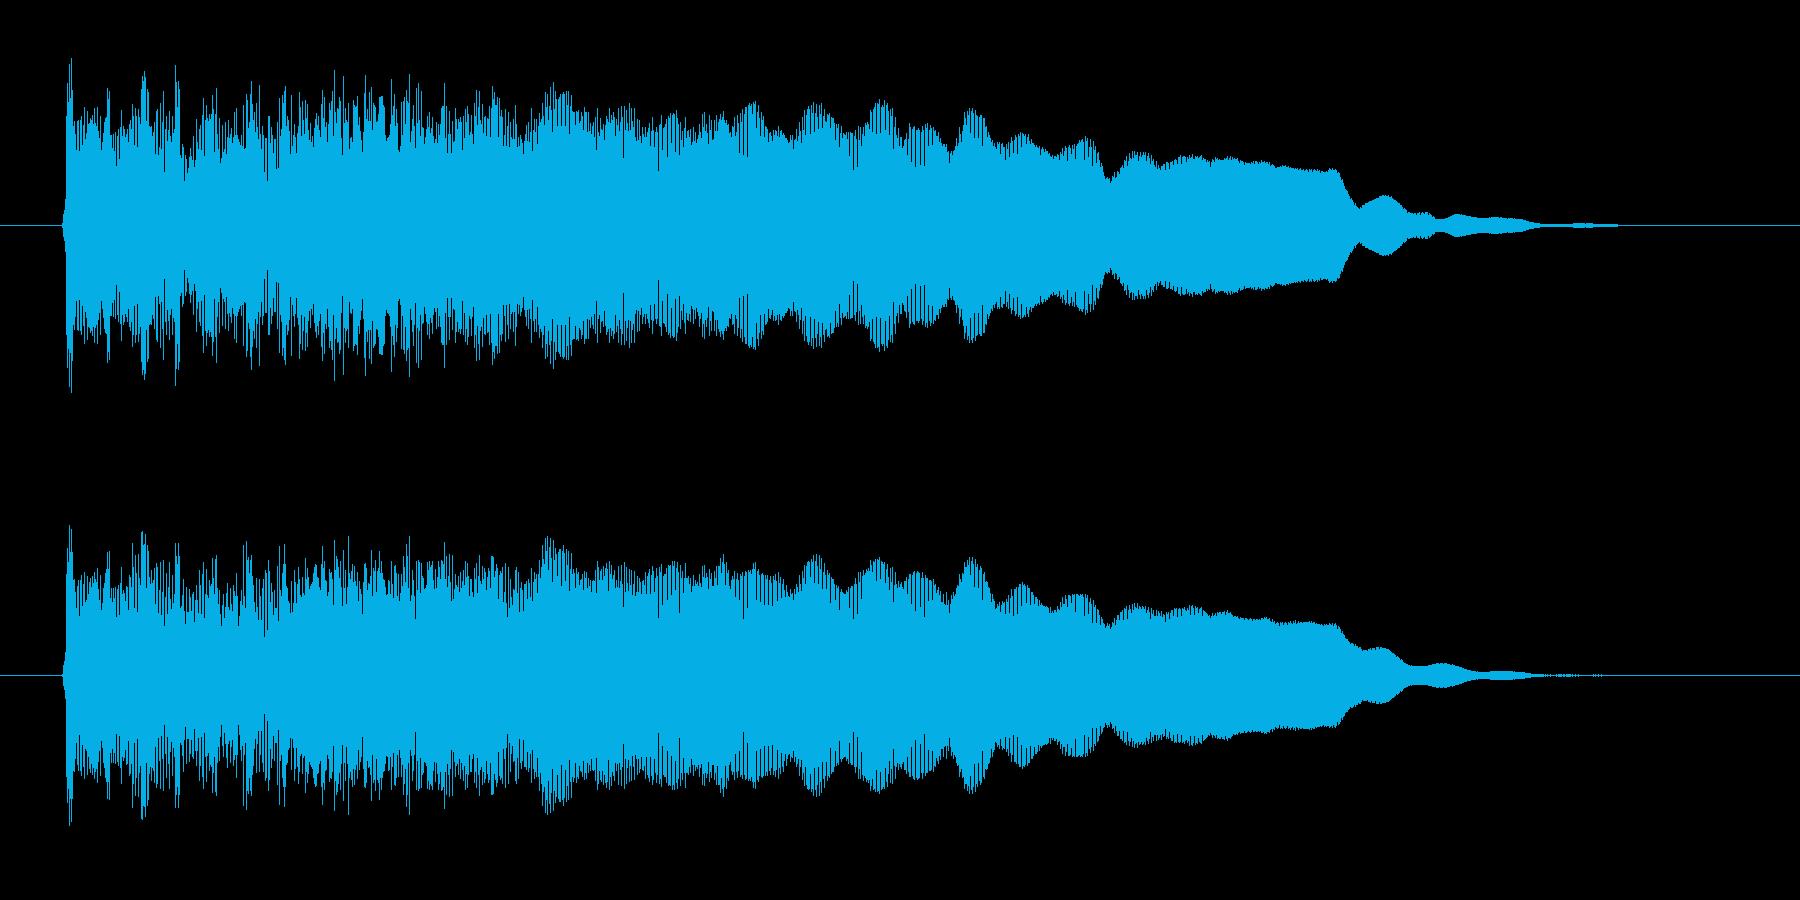 ファズ・ギターのハードロックなジングルの再生済みの波形